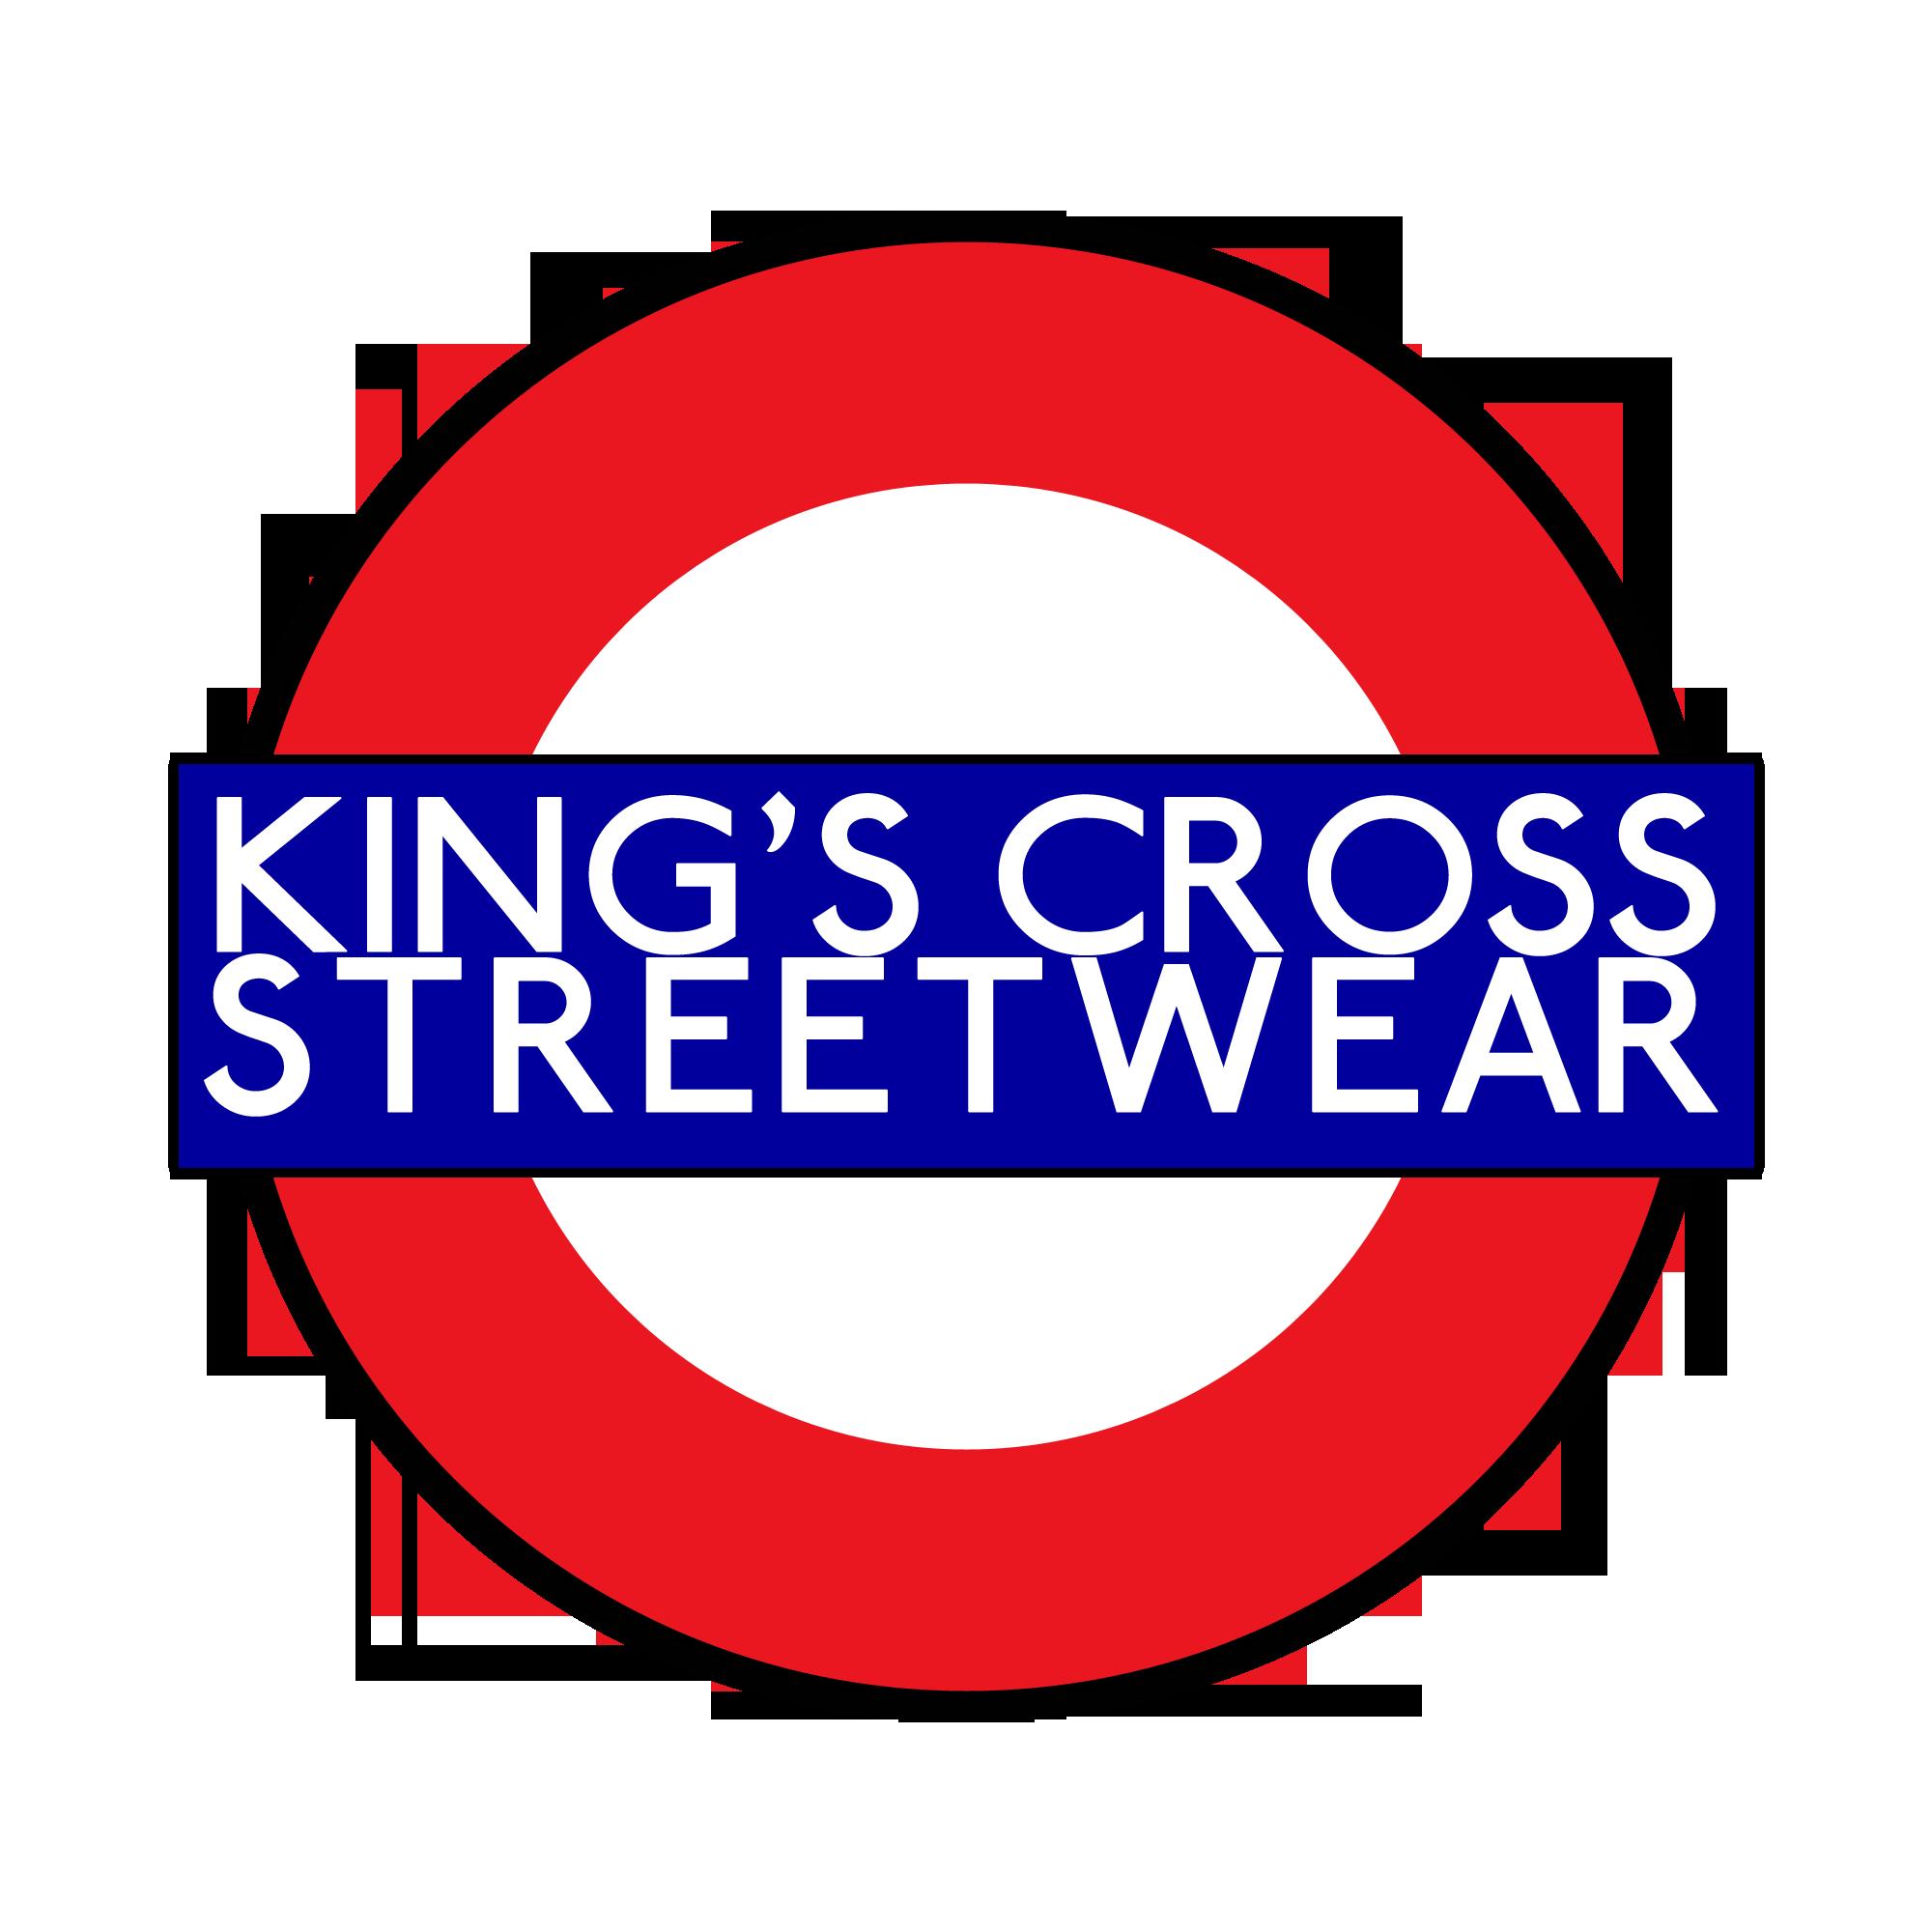 Kingcross